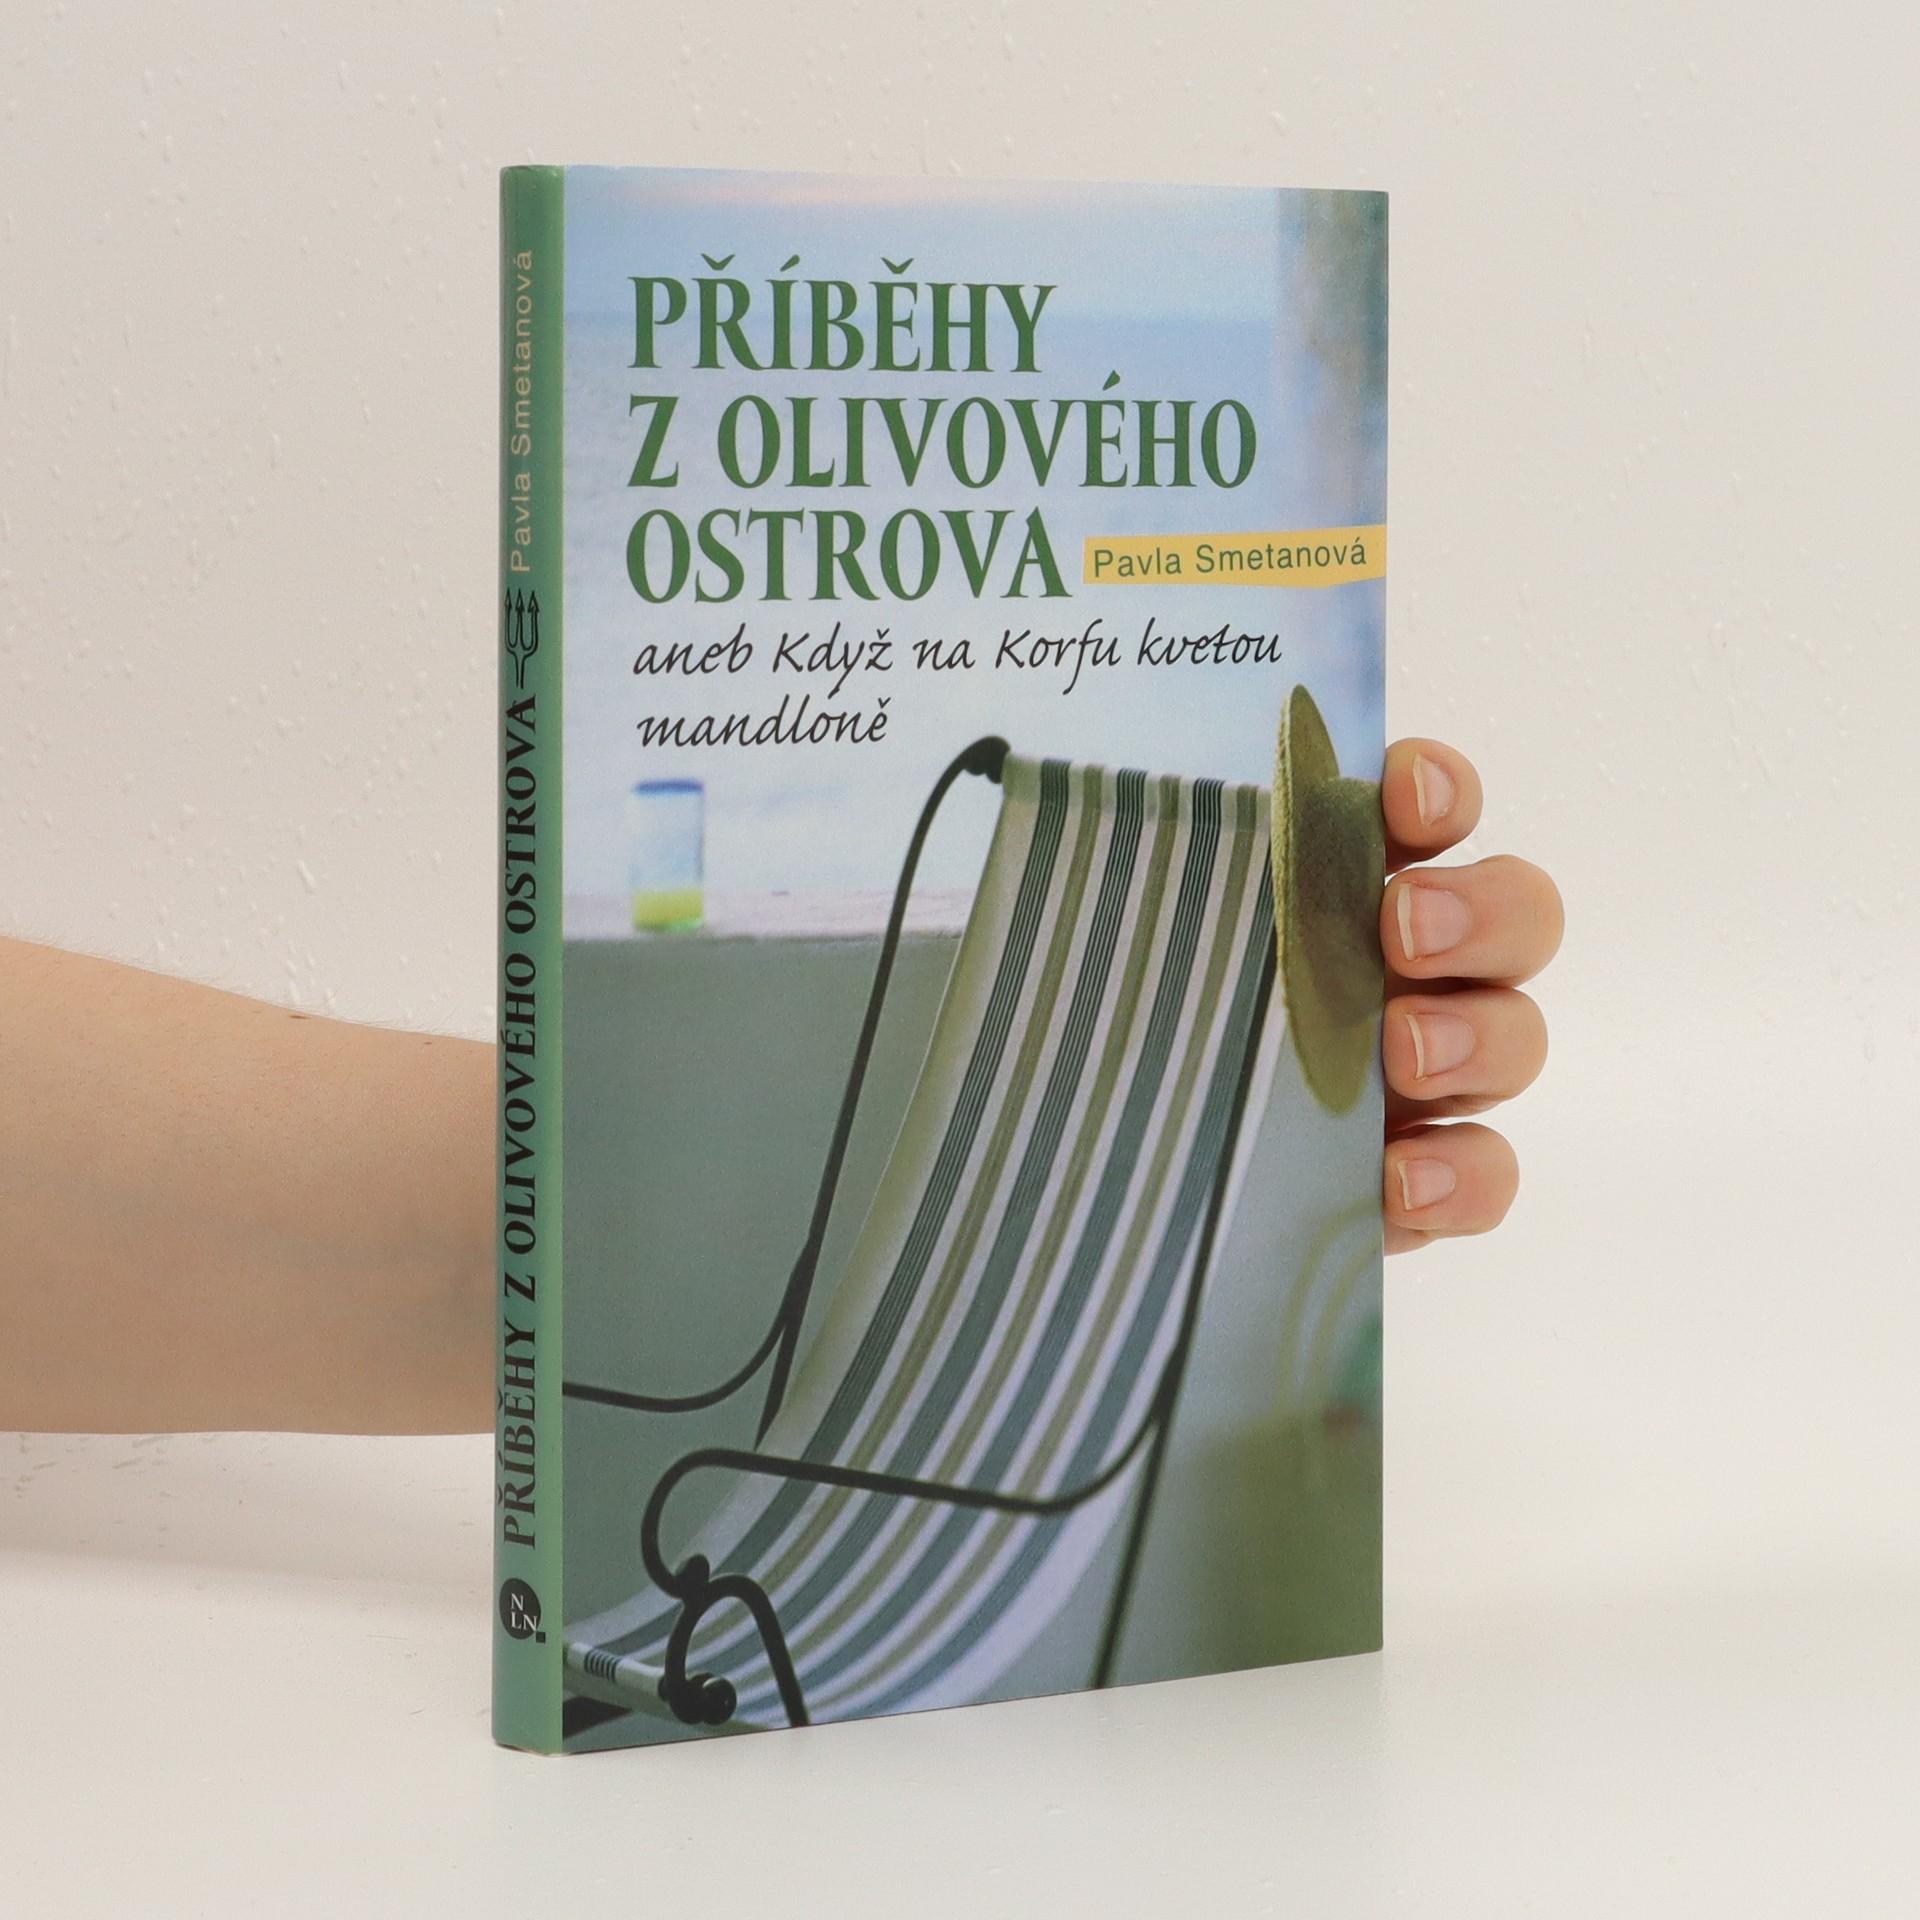 antikvární kniha Příběhy z olivového ostrova aneb Když na Korfu kvetou mandloně, 2010